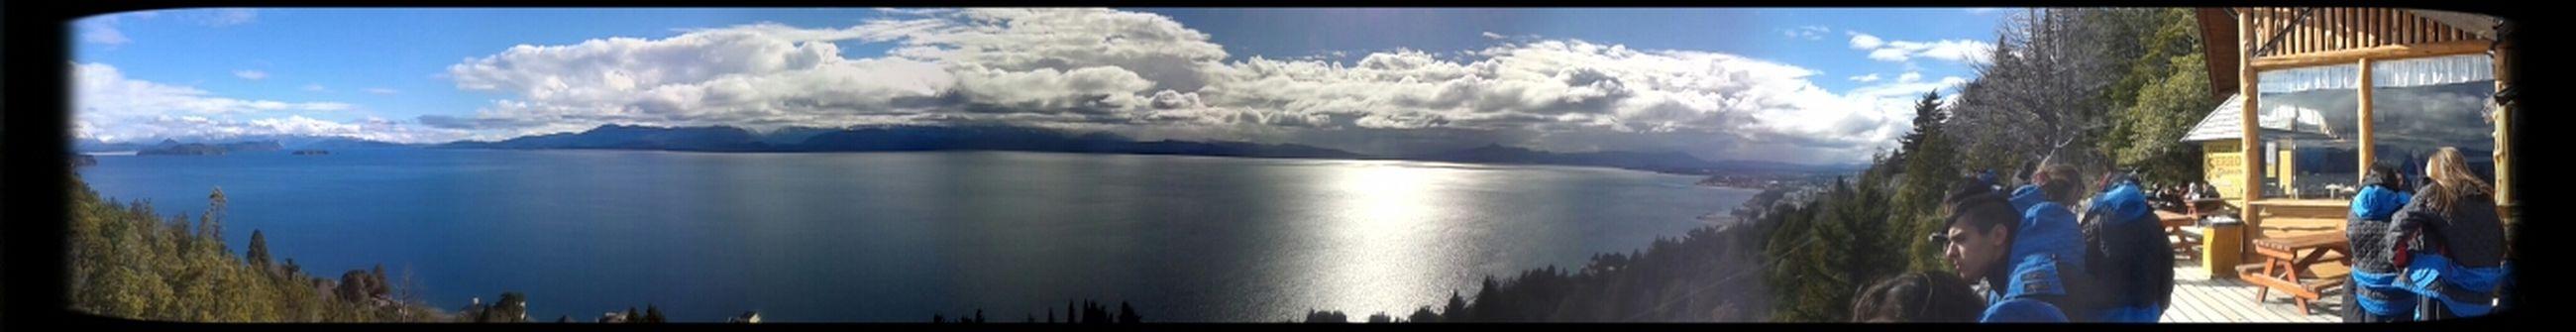 Vista panorámica dsd el parador de Cerro Viejo en Bariloche Lake Panoramic